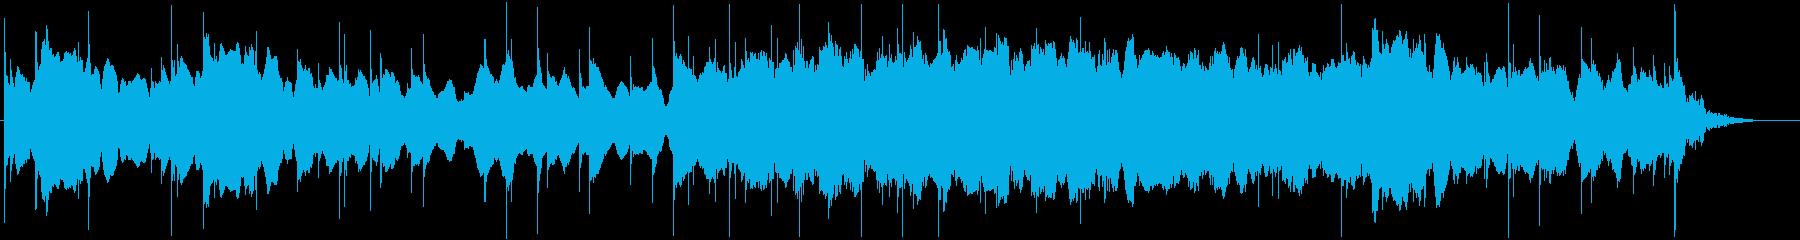 ミステリーの日常曲3(夜っぽい)の再生済みの波形